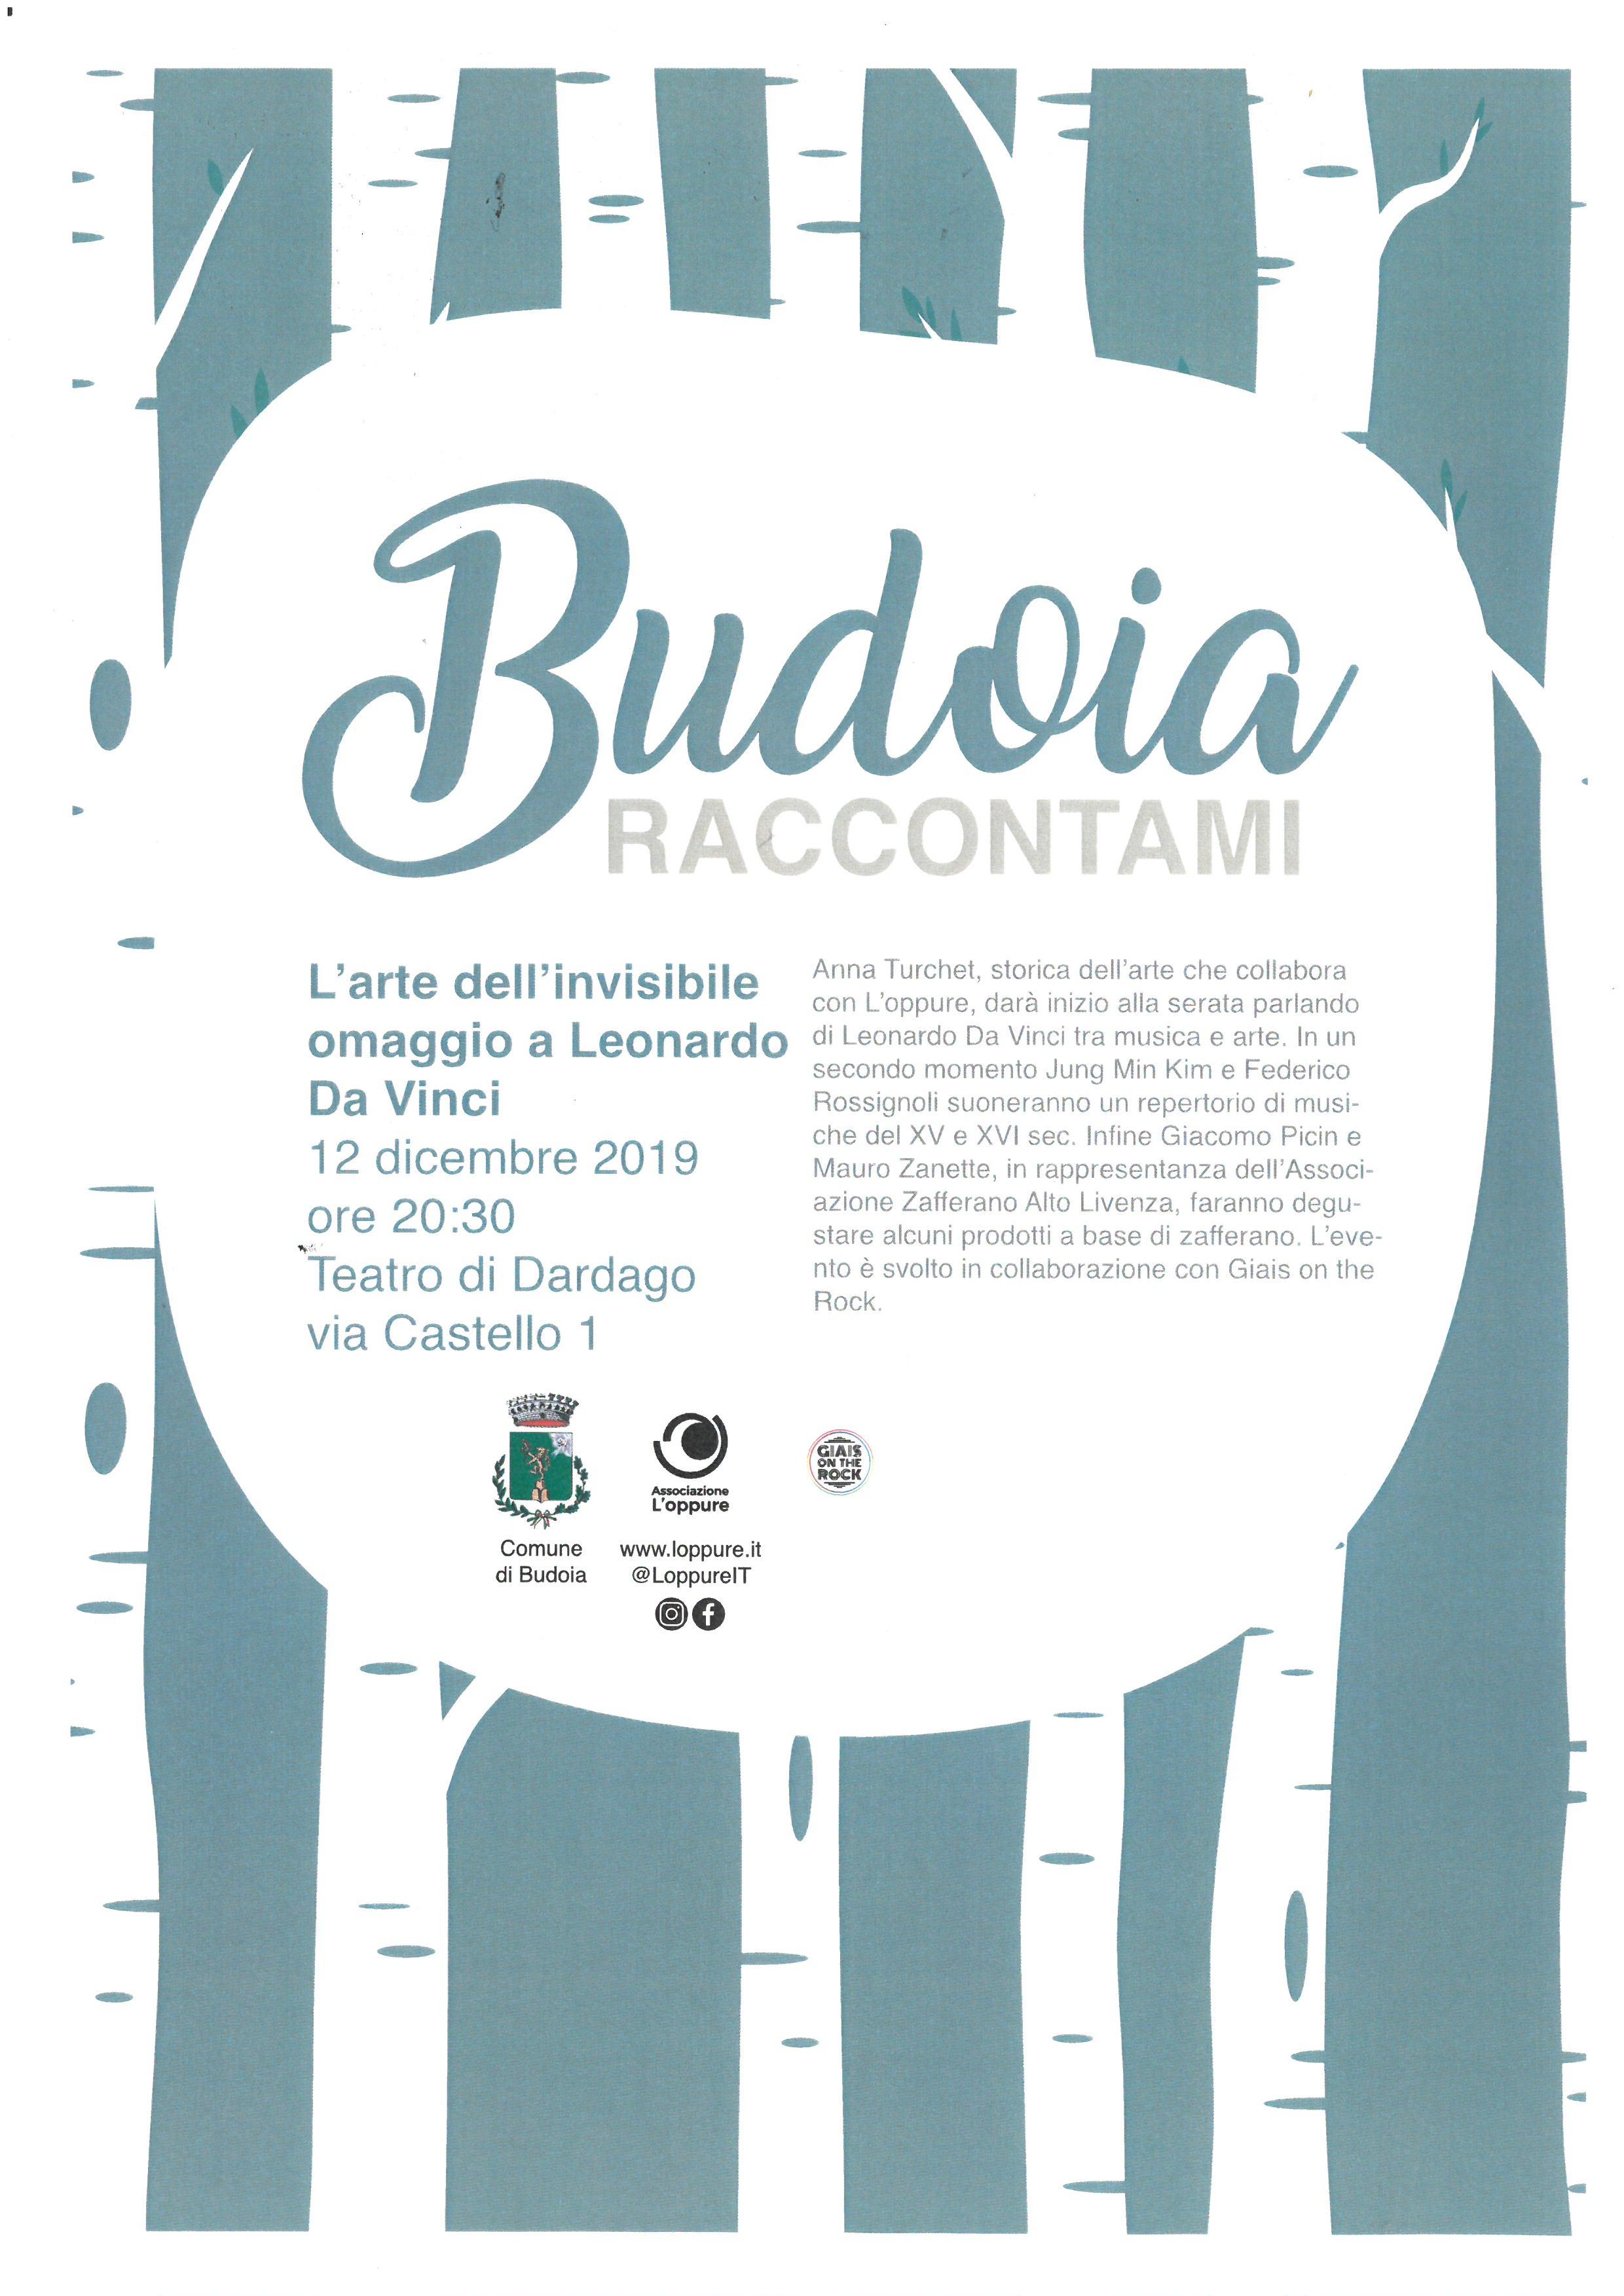 BUDOIA RACCONTAMI: L'ARTE DELL'INVISIBILE OMAGGIO A LEONARDO DA VINCI